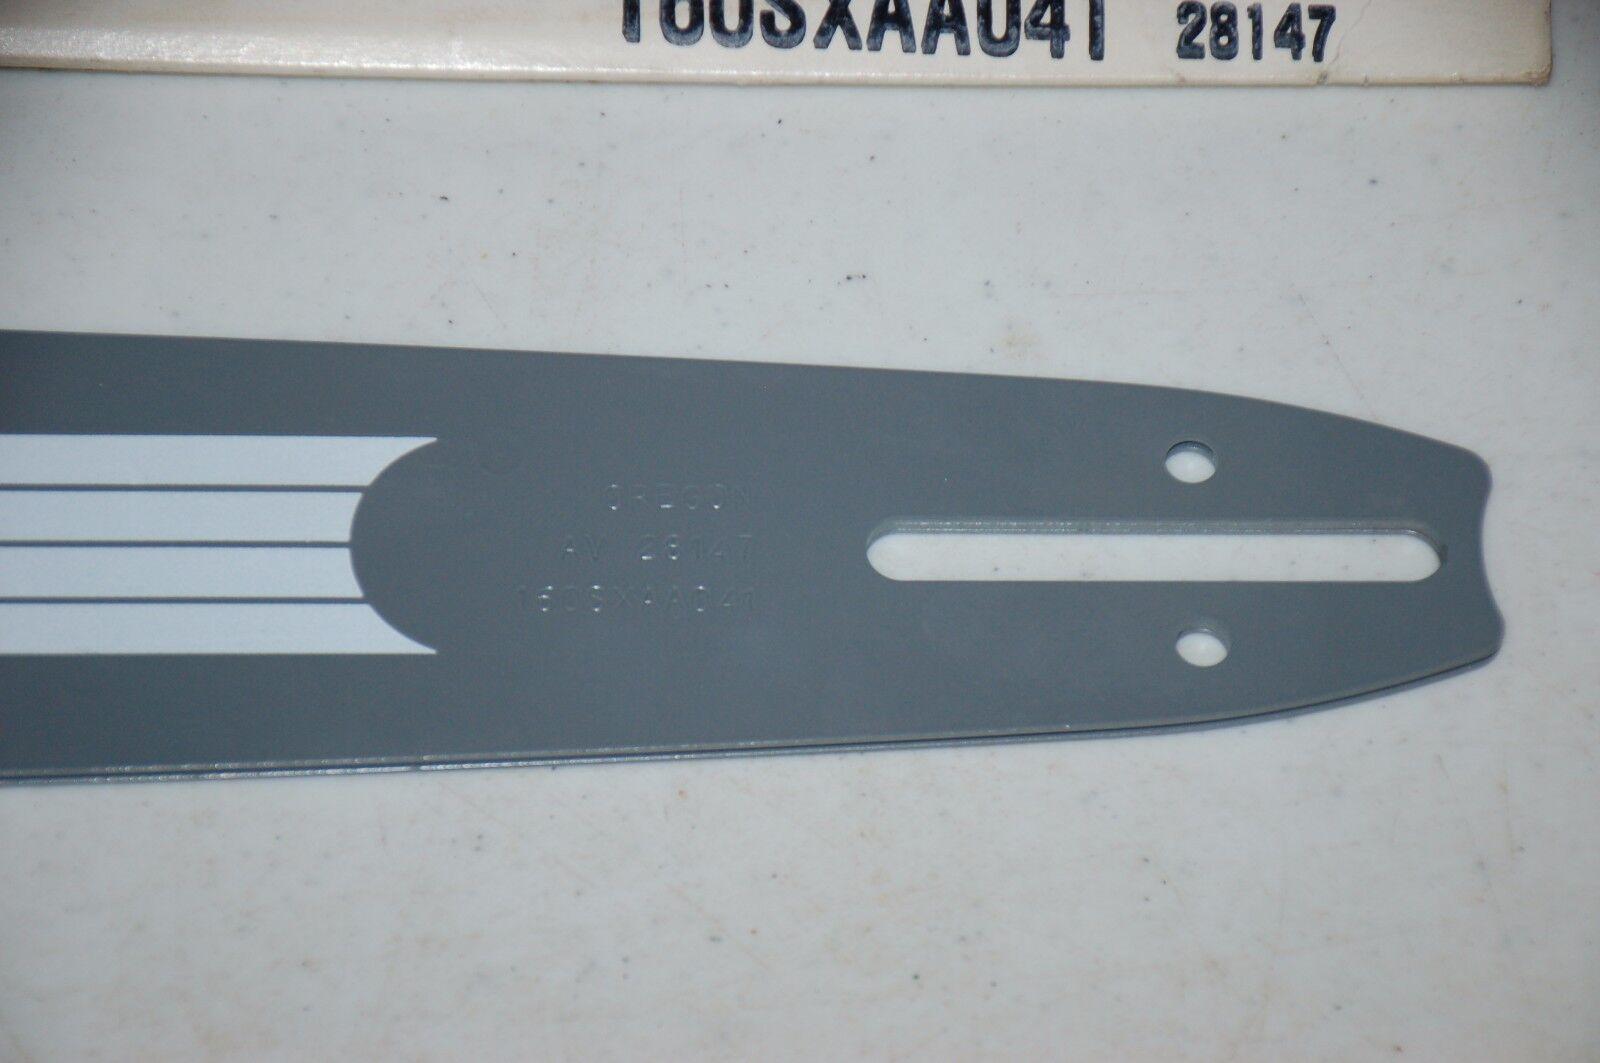 """Husq. Vintage NOS Oregon 16/"""" Chainsaw Bar 160SXAA041 Poulan P#28147"""